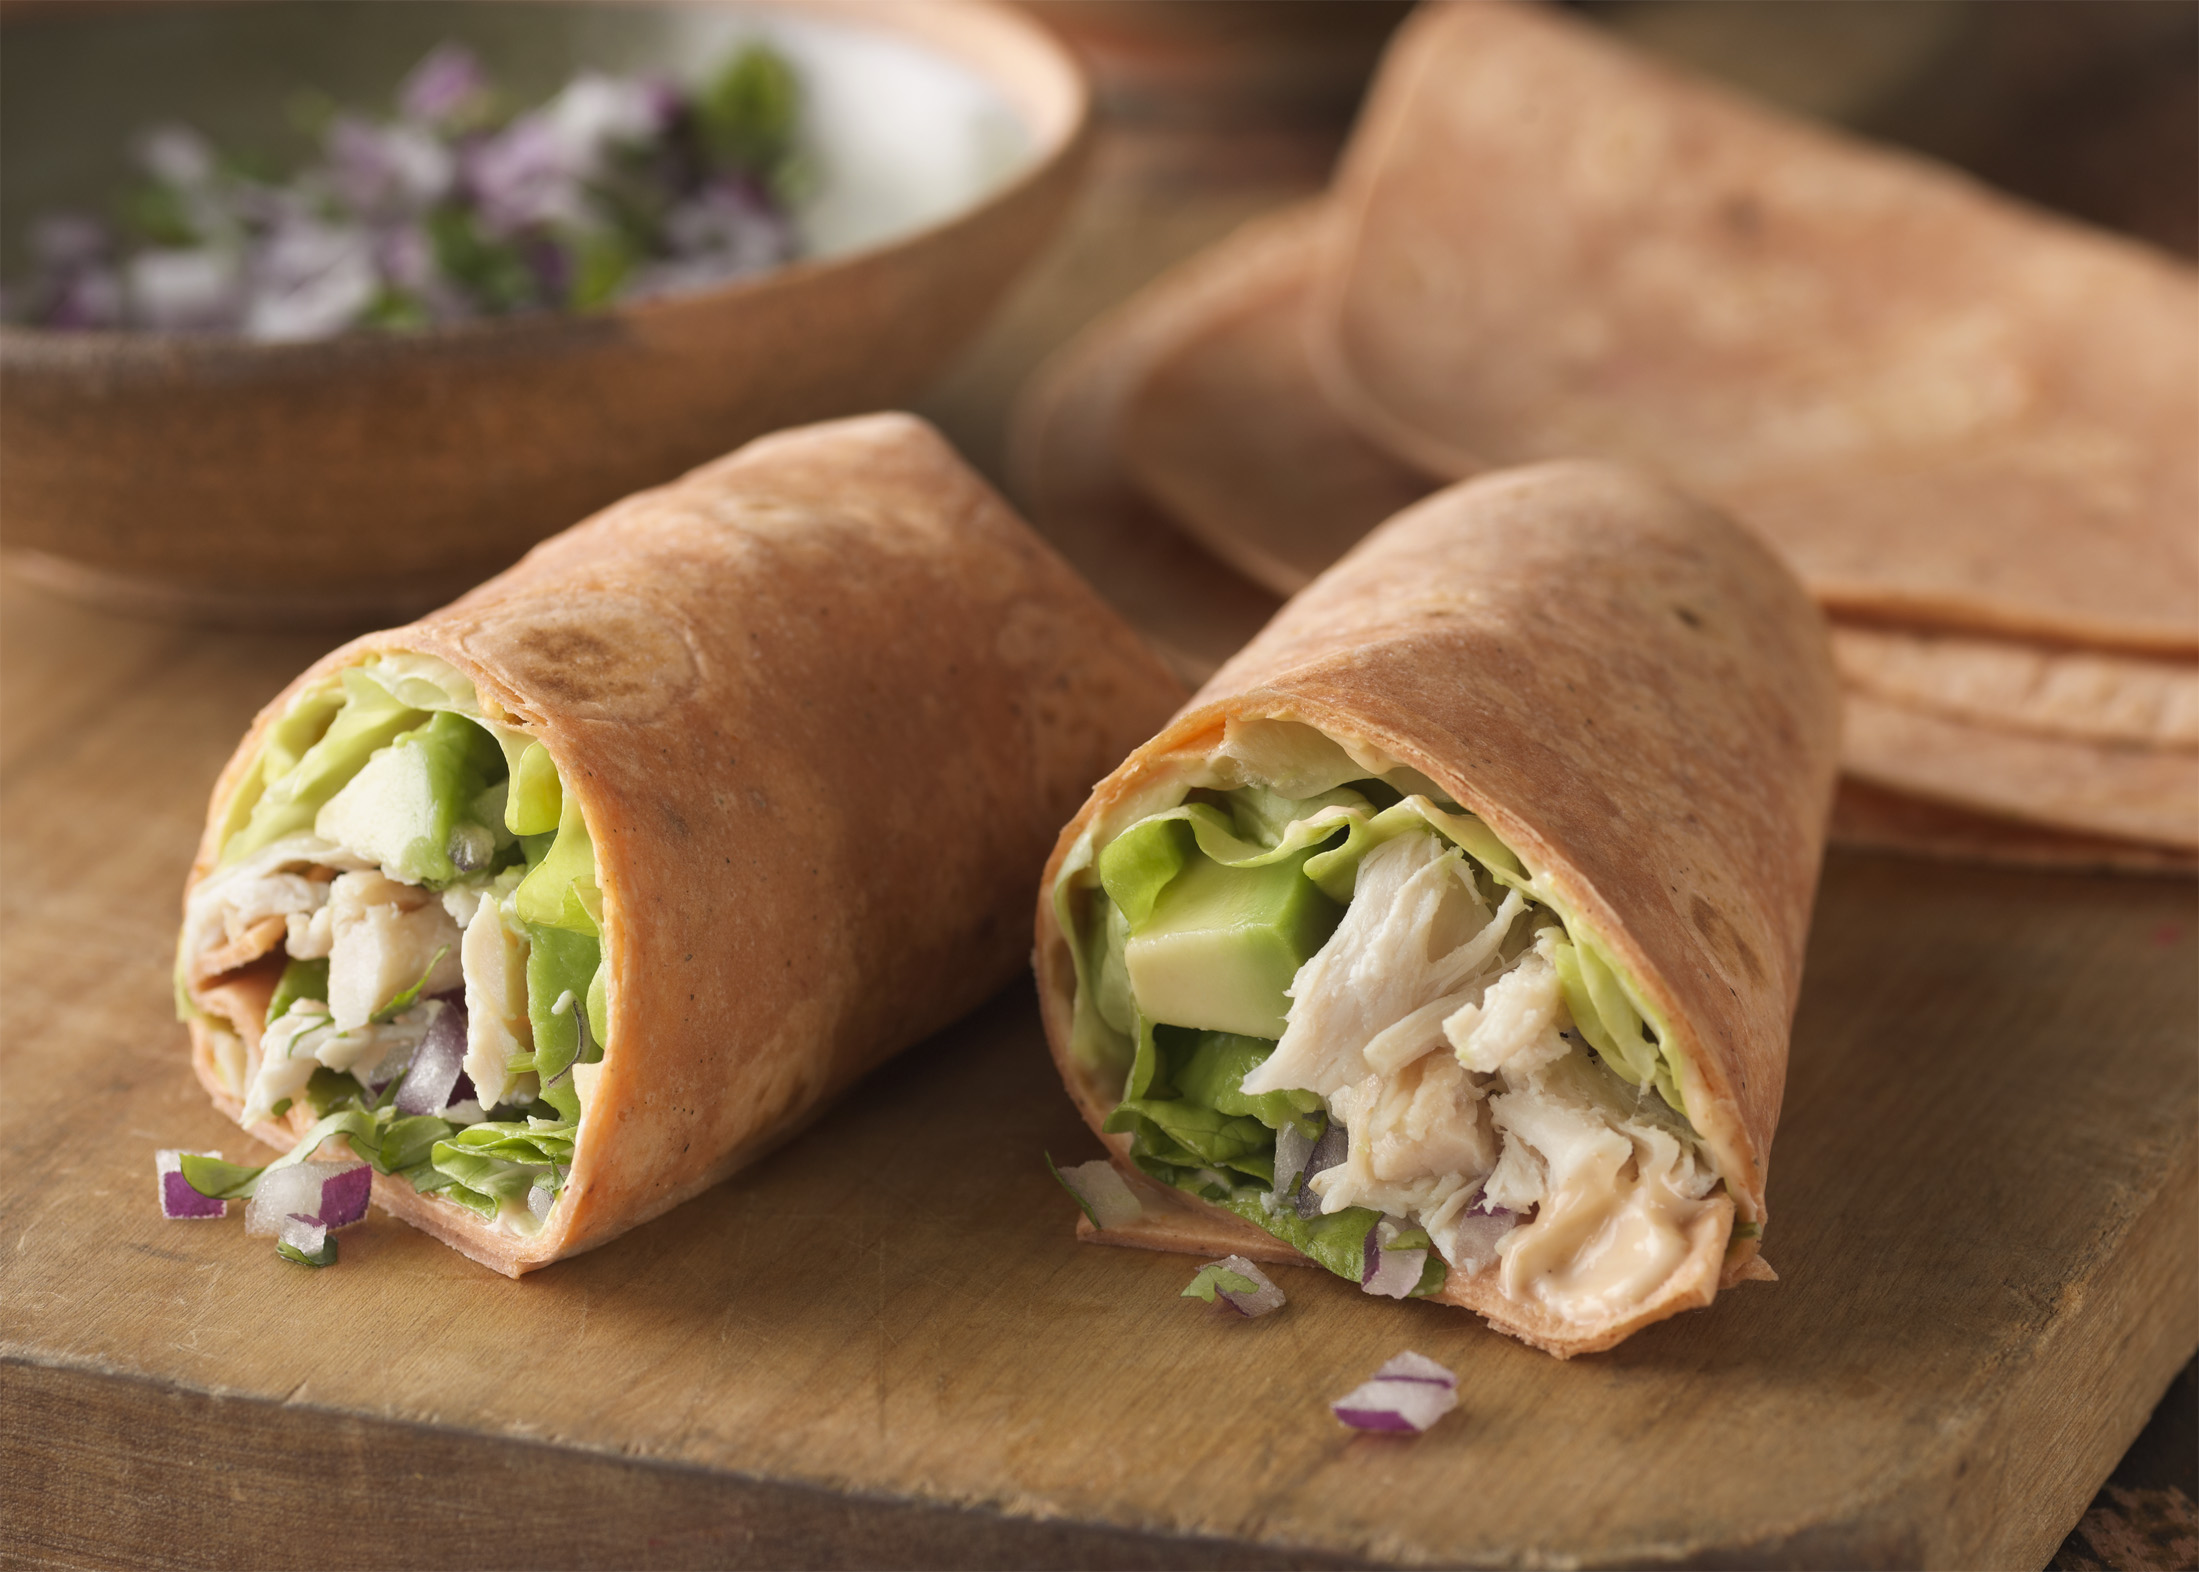 recette pique nique, roulé au poulet, sauce barbecue, salades, fromage, oignon rouge, idée de menu pour passer une journée en plein air